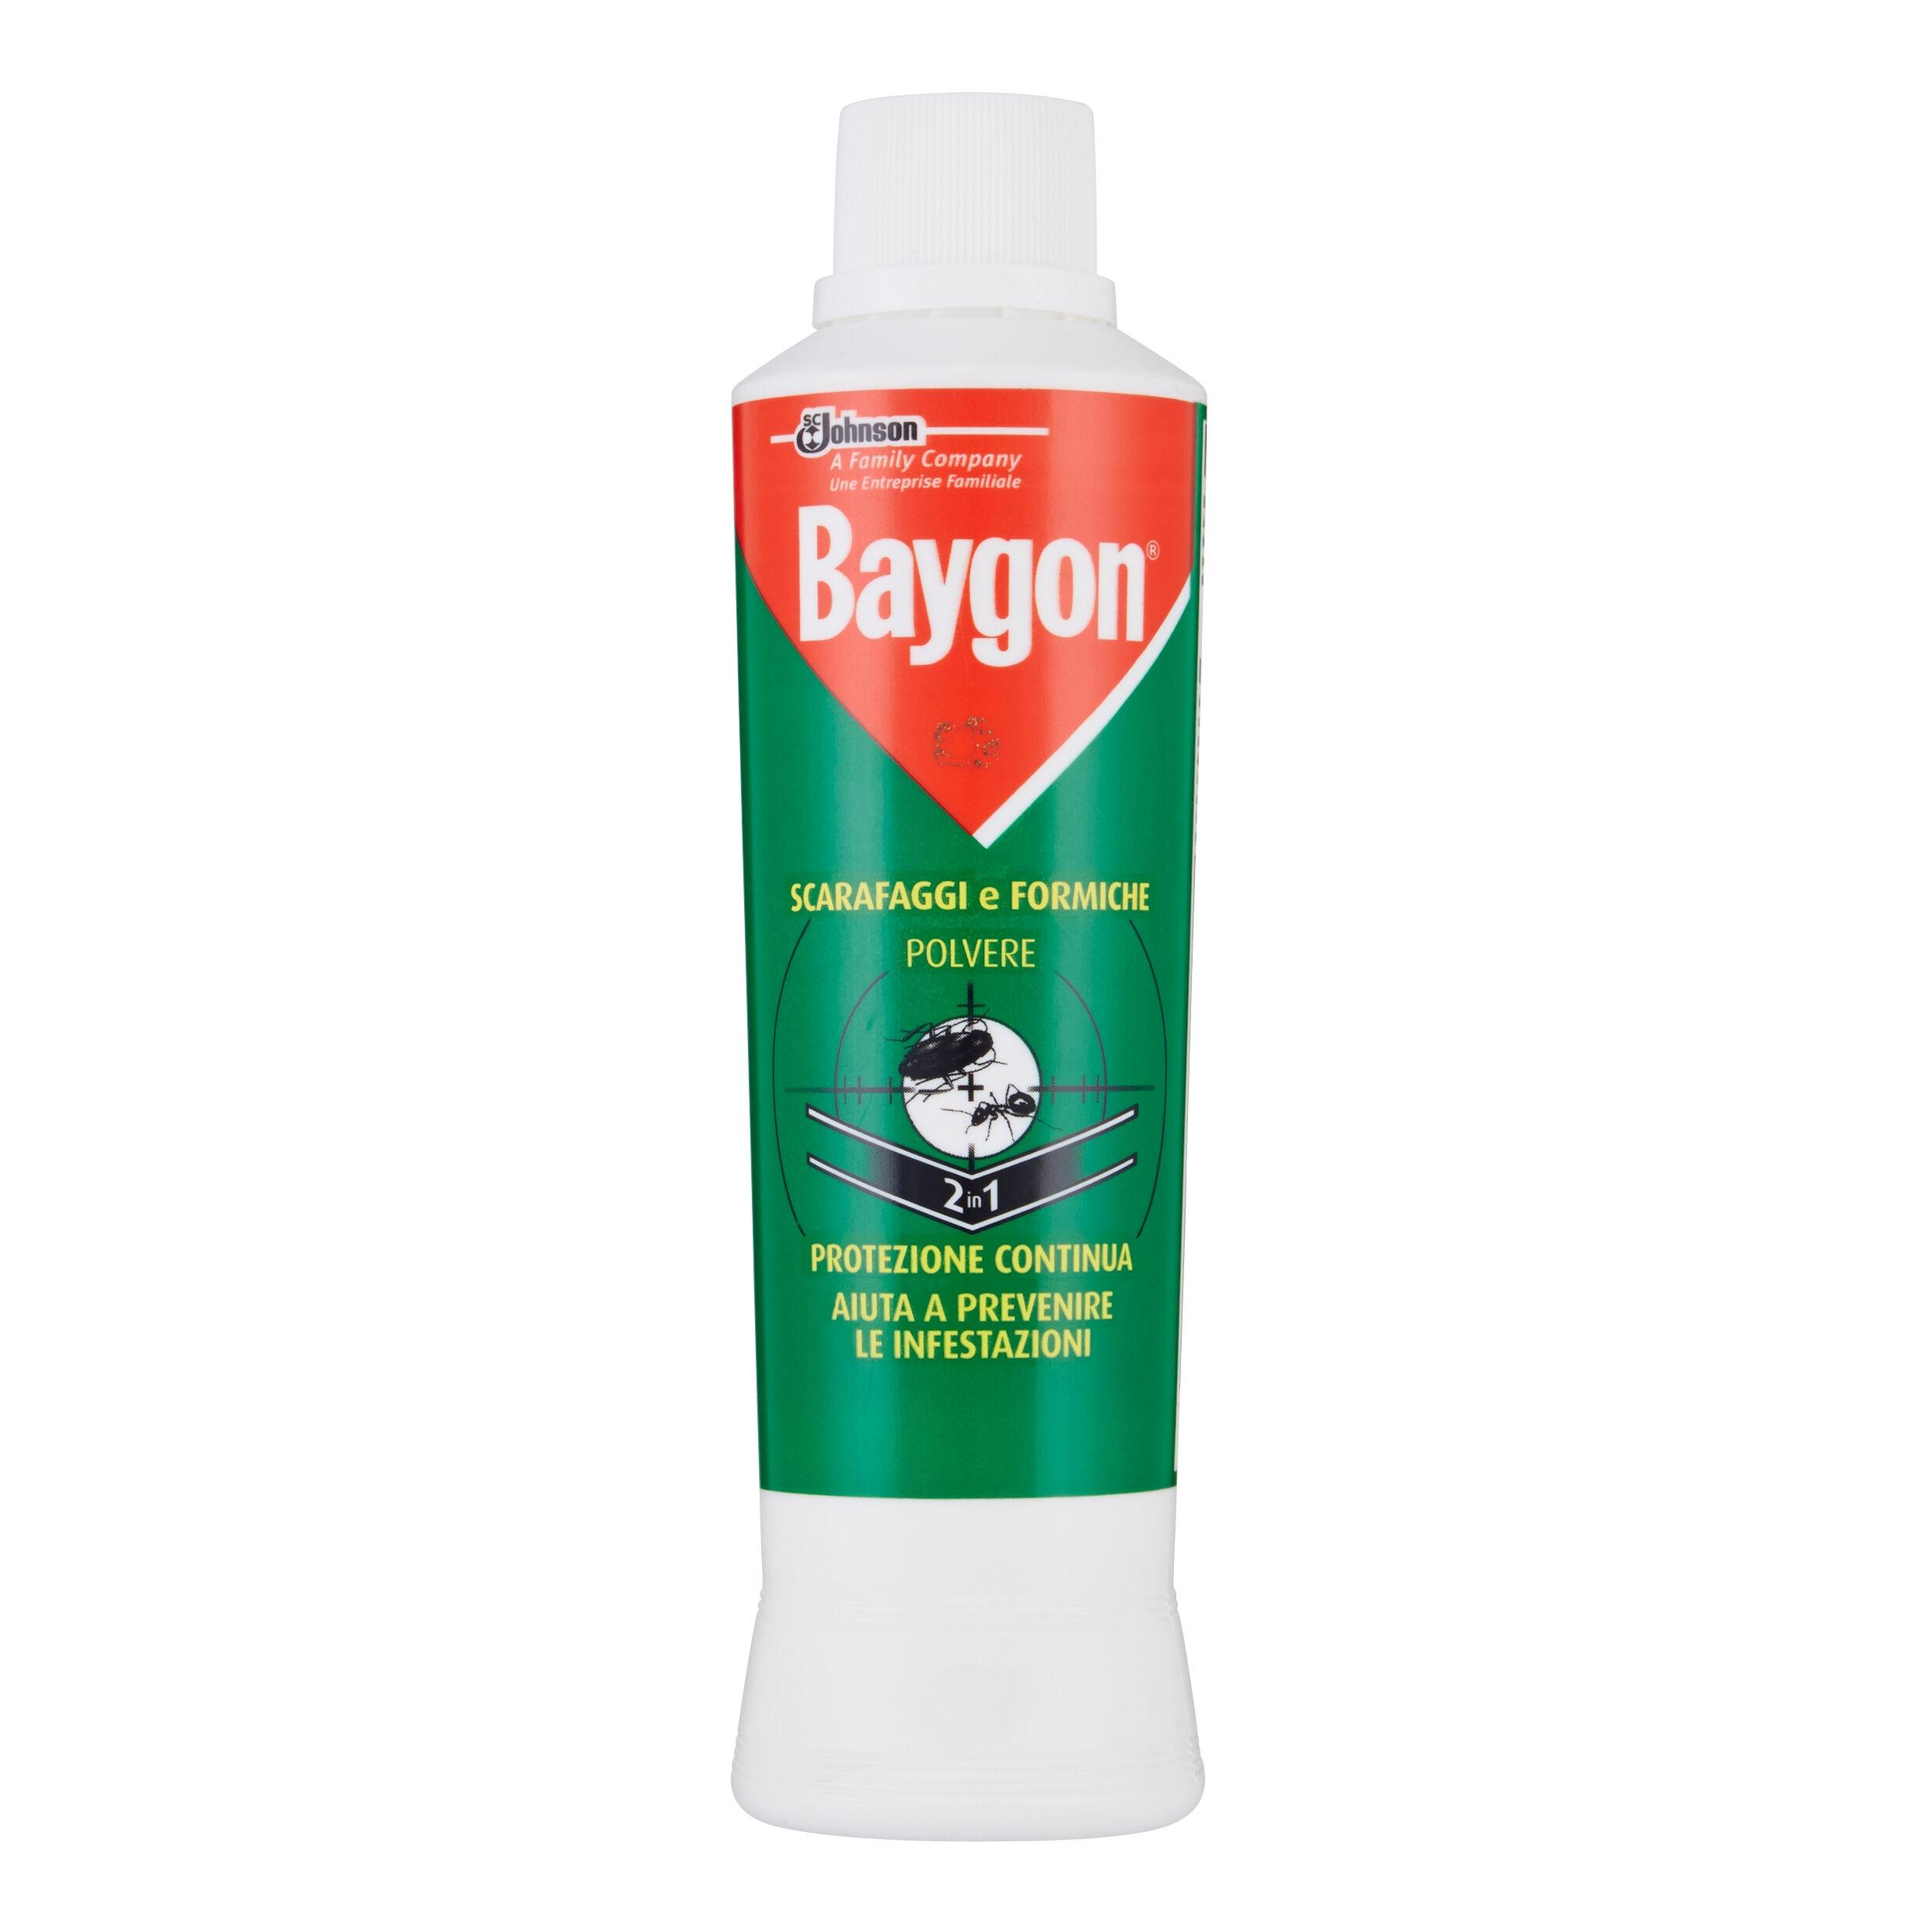 Sc Johnson Italy Srl Baygon S&f Polv.250g